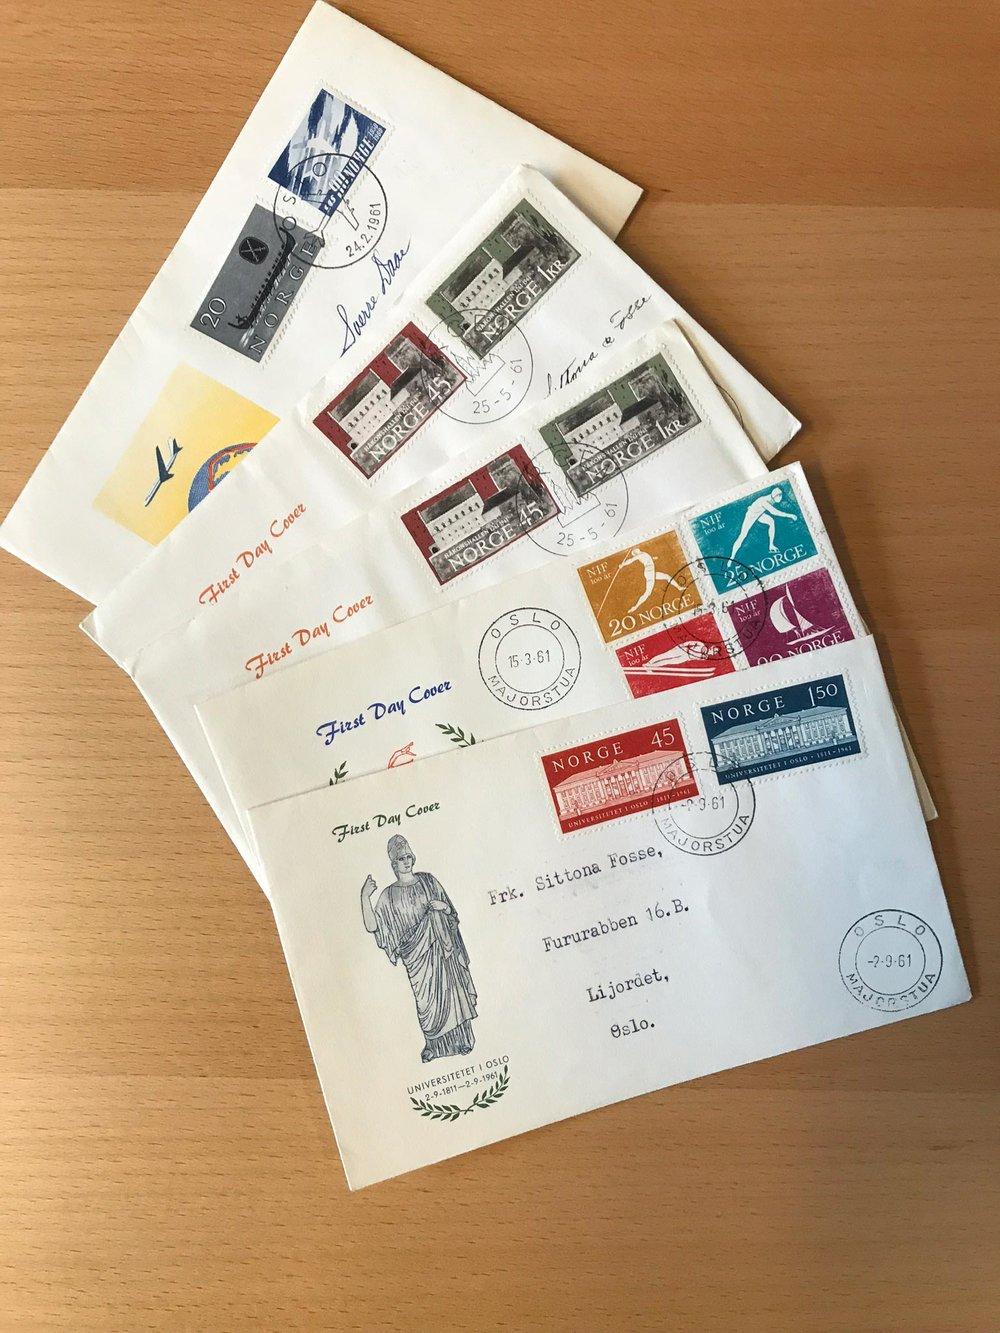 frimerkeauksjon-Norge-brev.jpeg